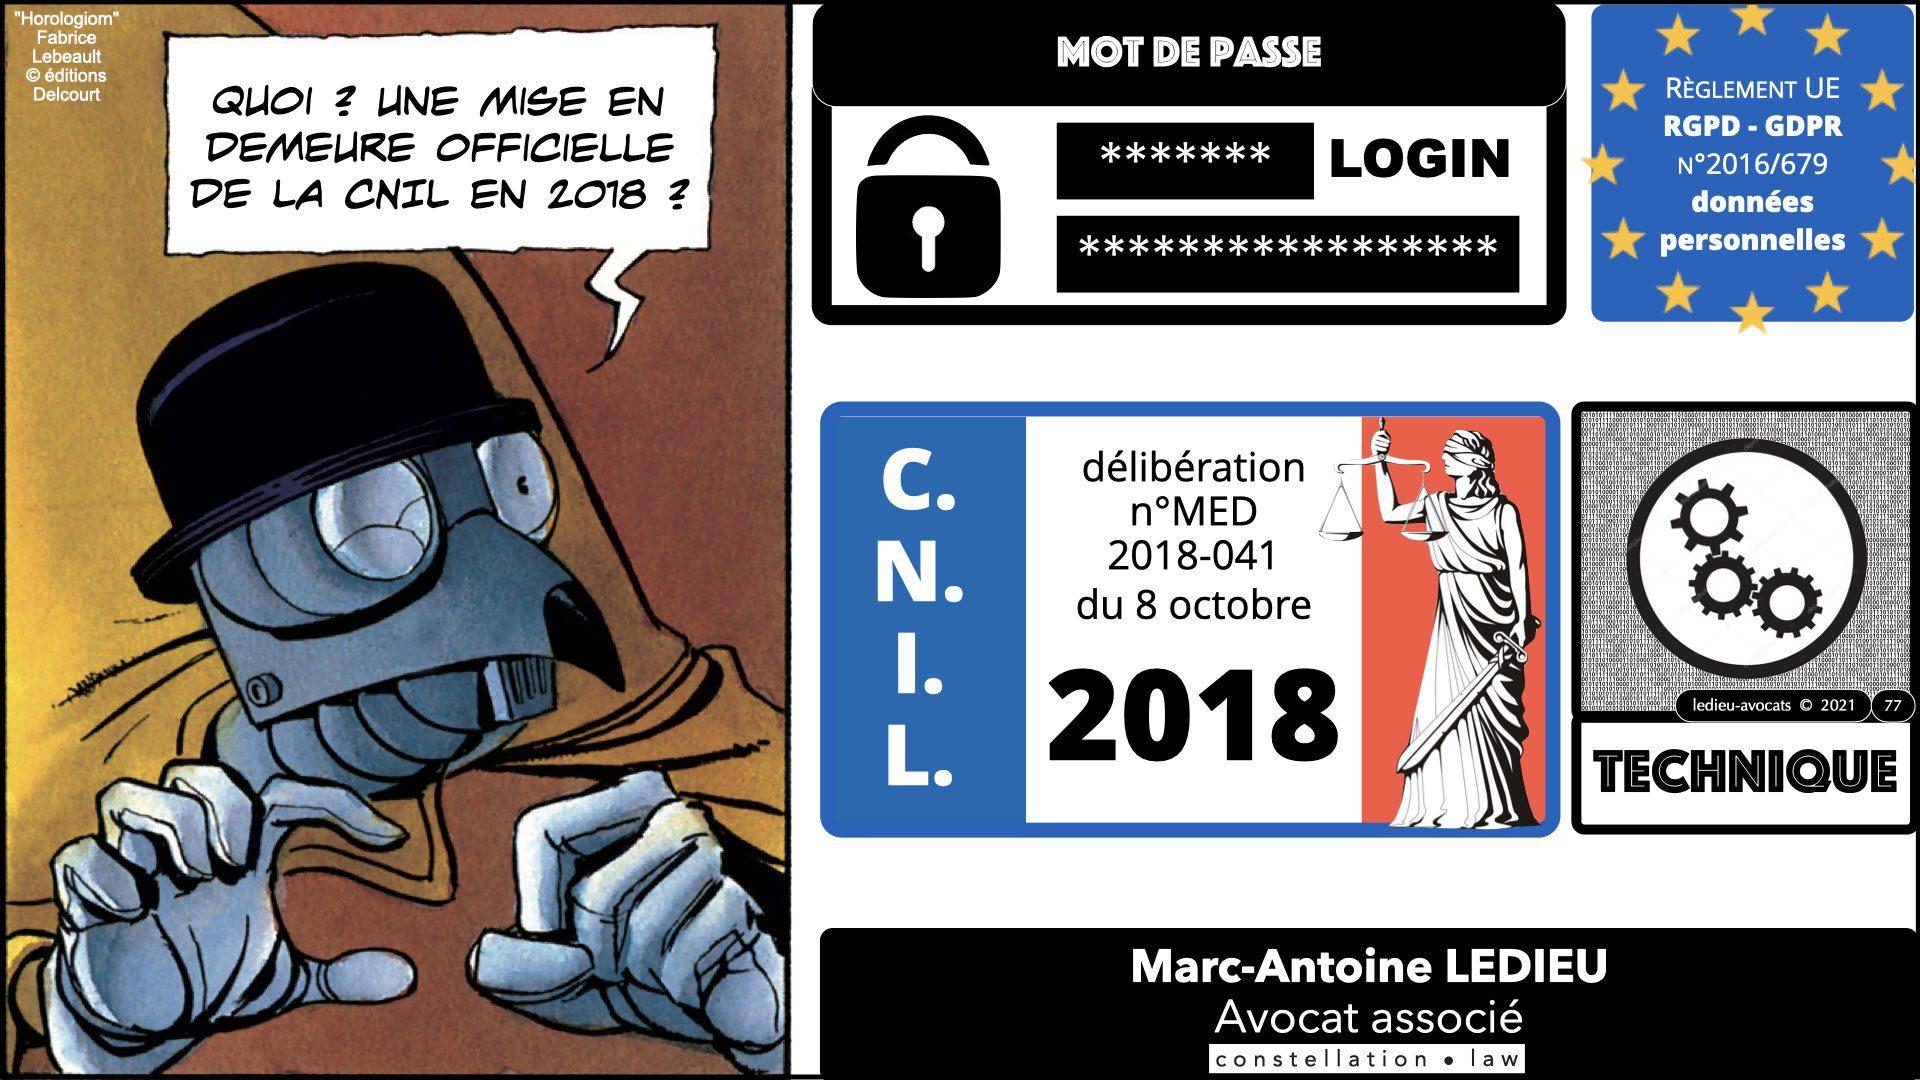 342 droit mot de passe OIV OSE ANALYSE de RISQUE EBIOS RM © Ledieu-Avocats technique droit numérique 05-09-2021.007